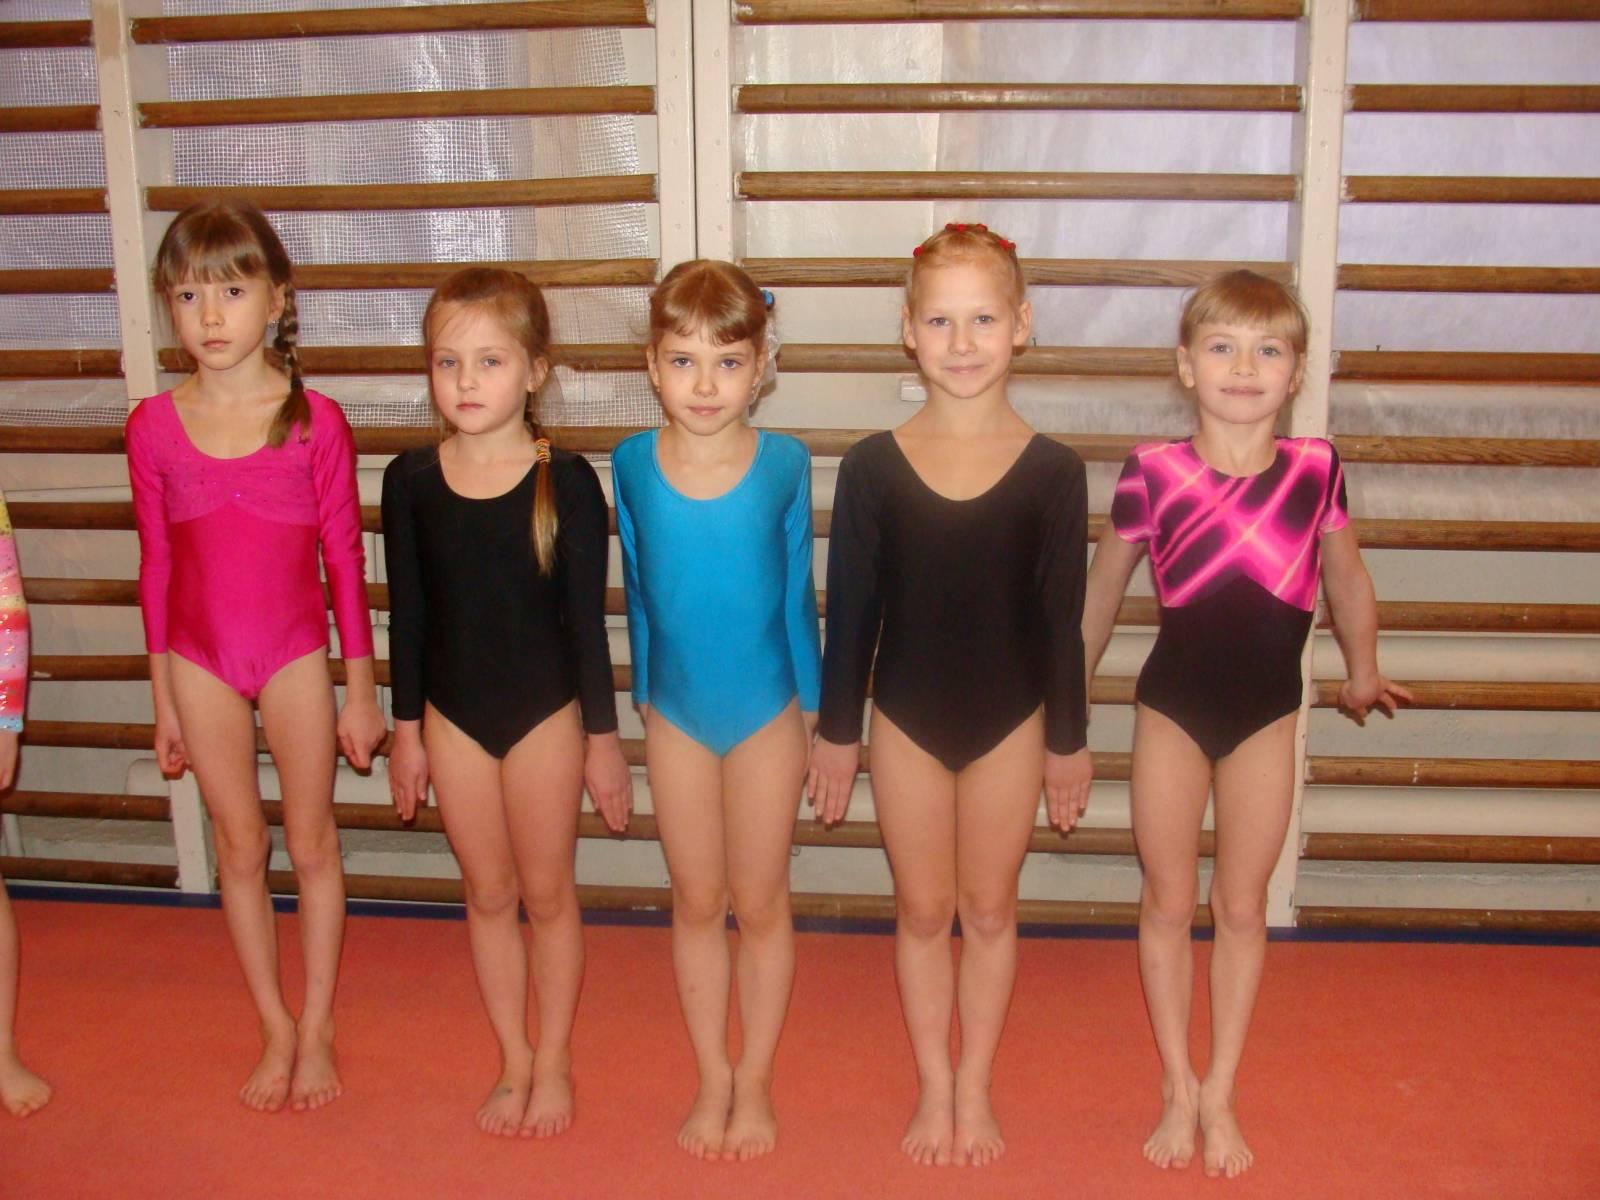 Фото галереи молодых девочек 2 фотография